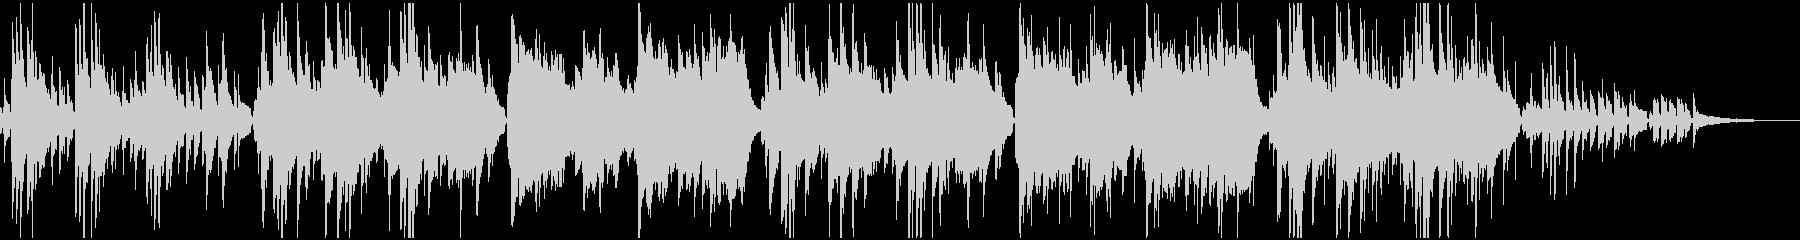 映像BGM優しく包み込むゆっくりボサノバの未再生の波形